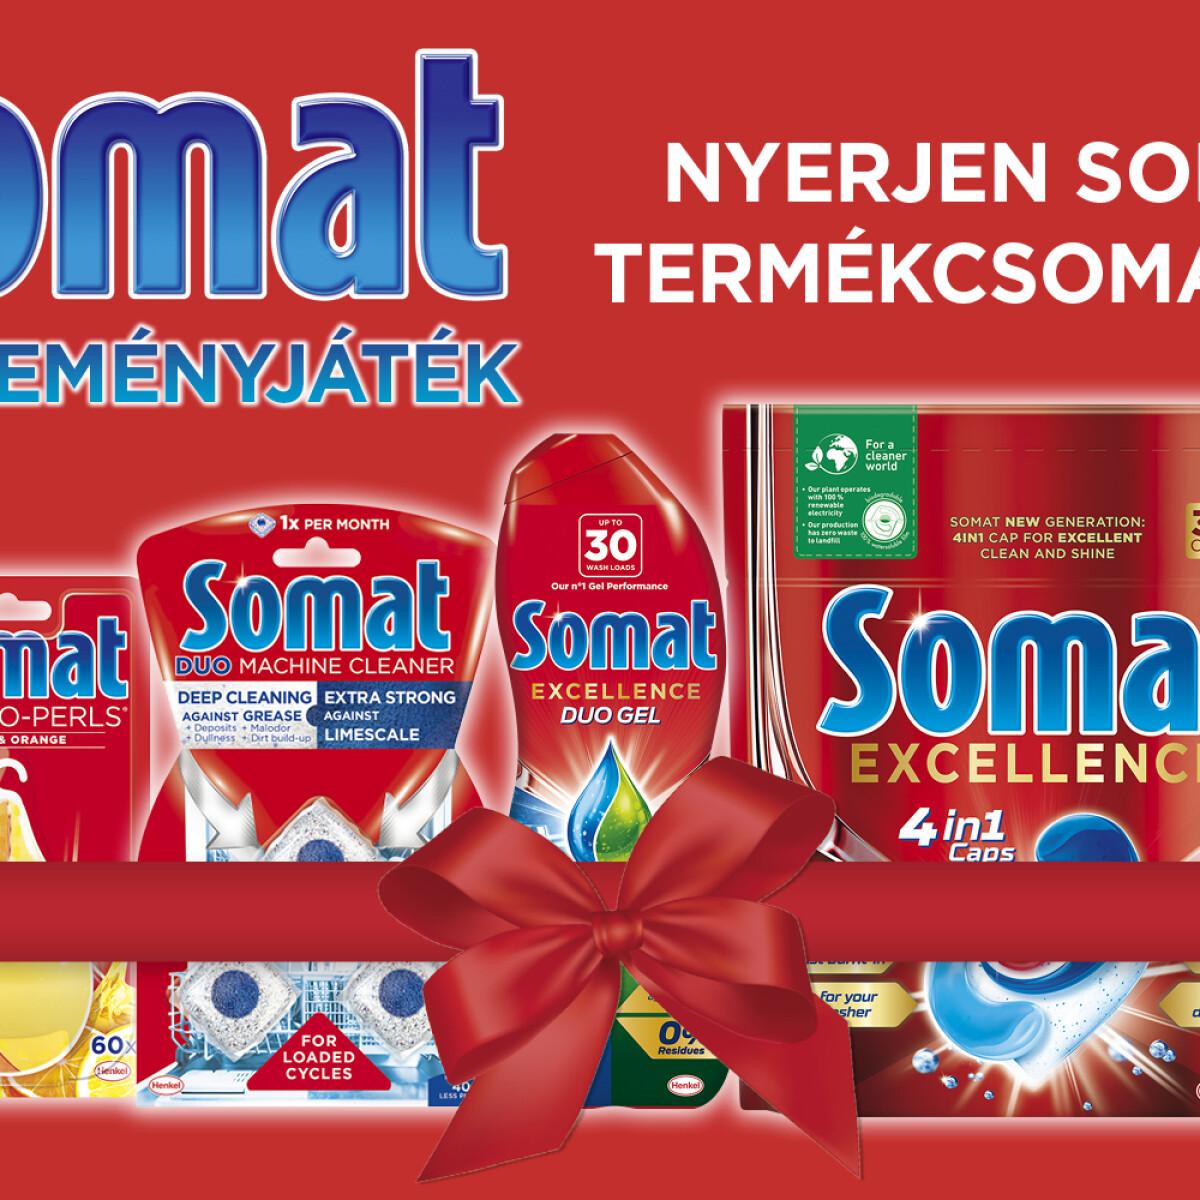 Nyerj velünk Somat ajándékcsomagot a Nosaltyn!